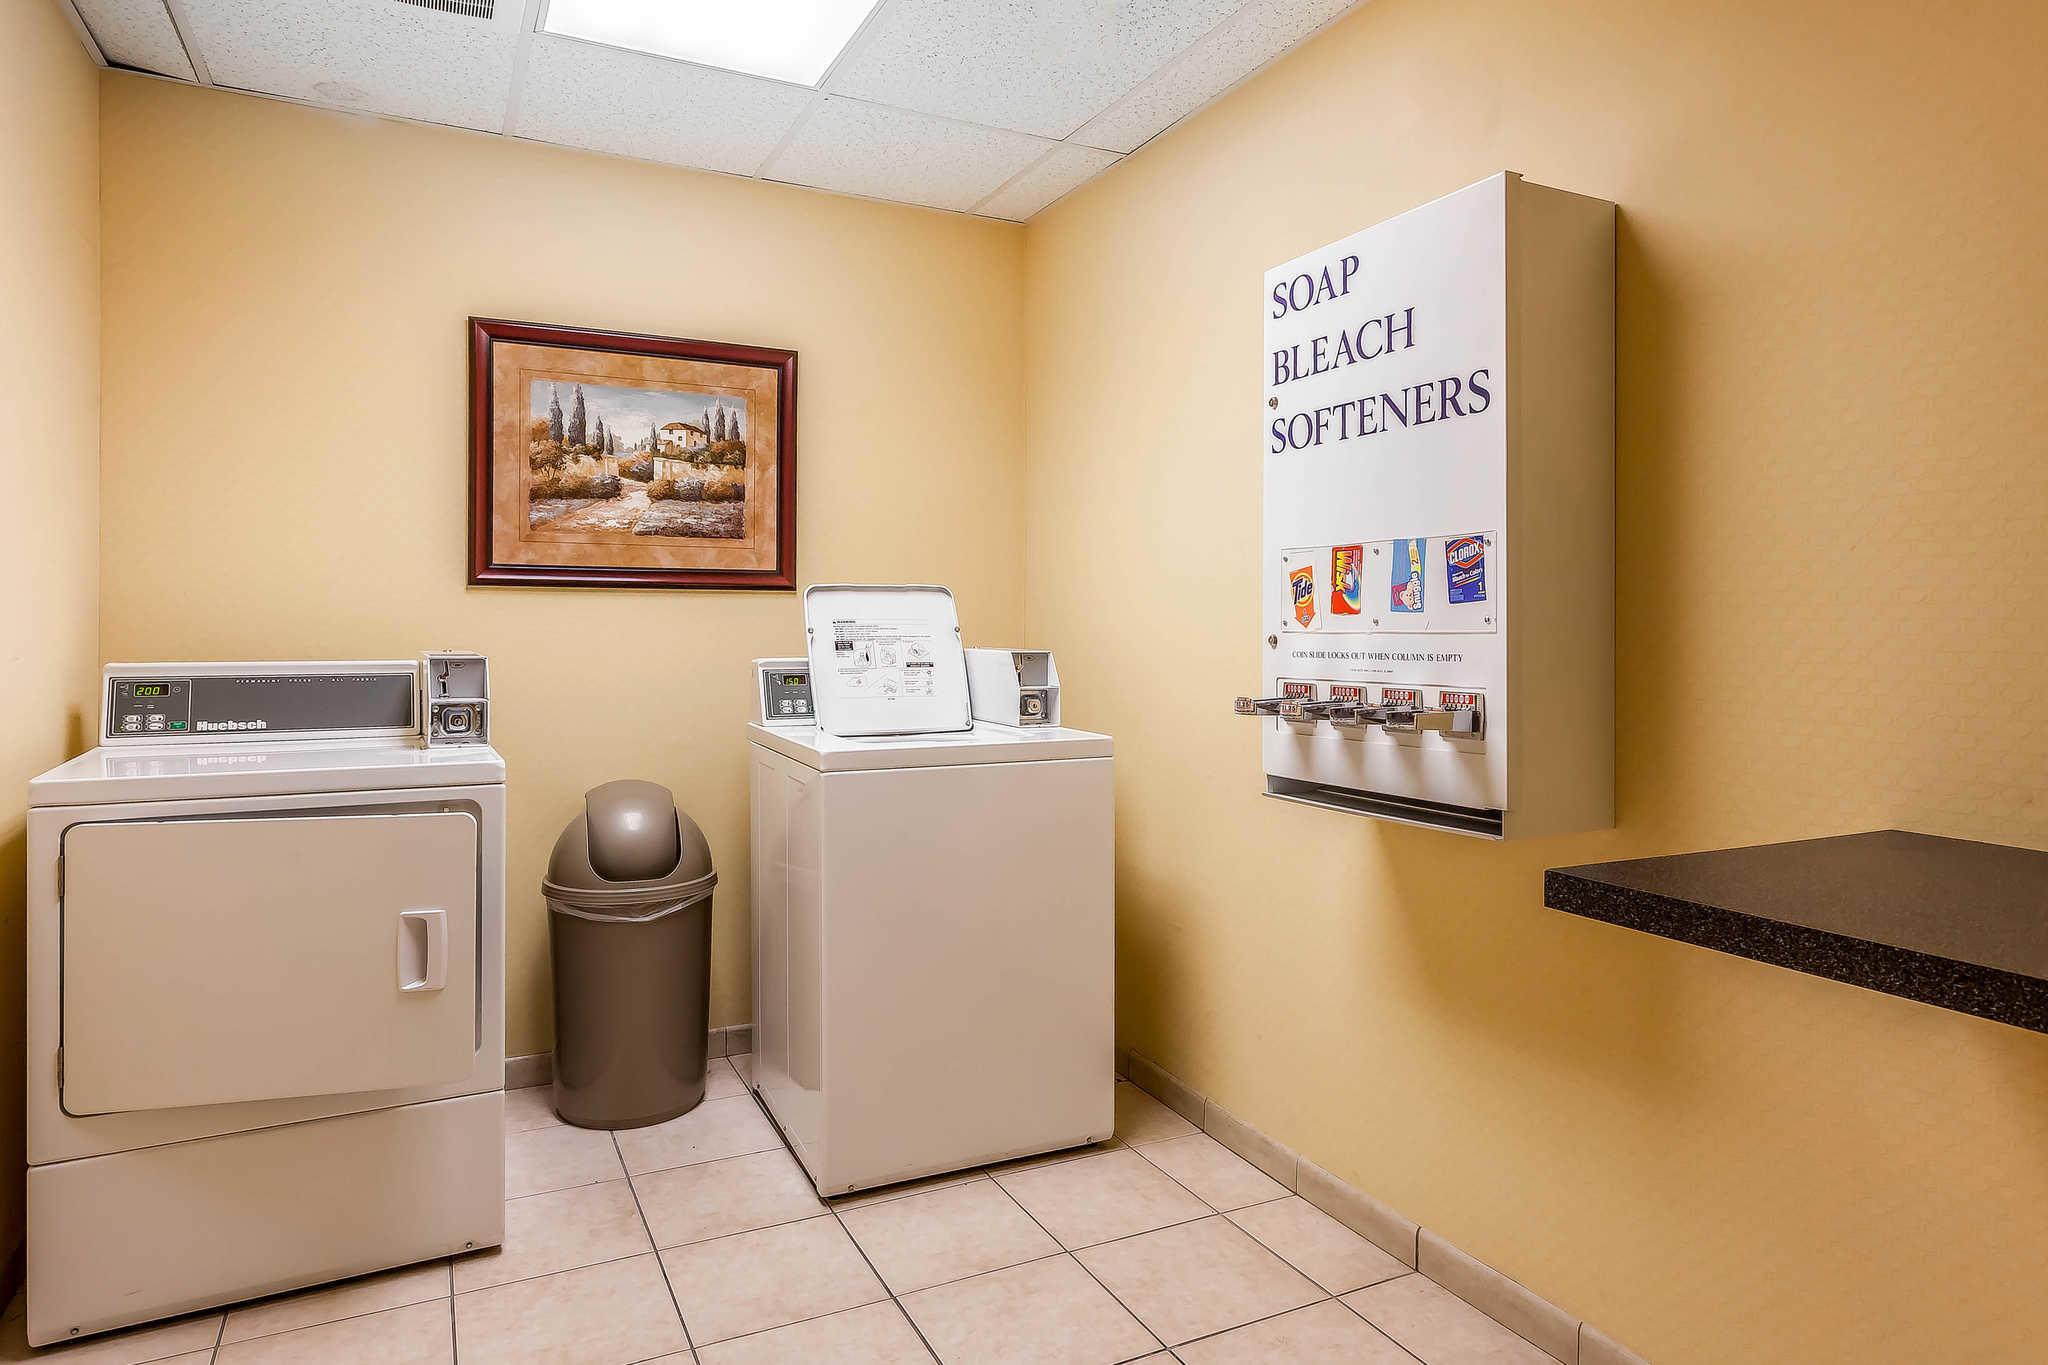 Comfort Inn Amp Suites Airport Convention Center Reno